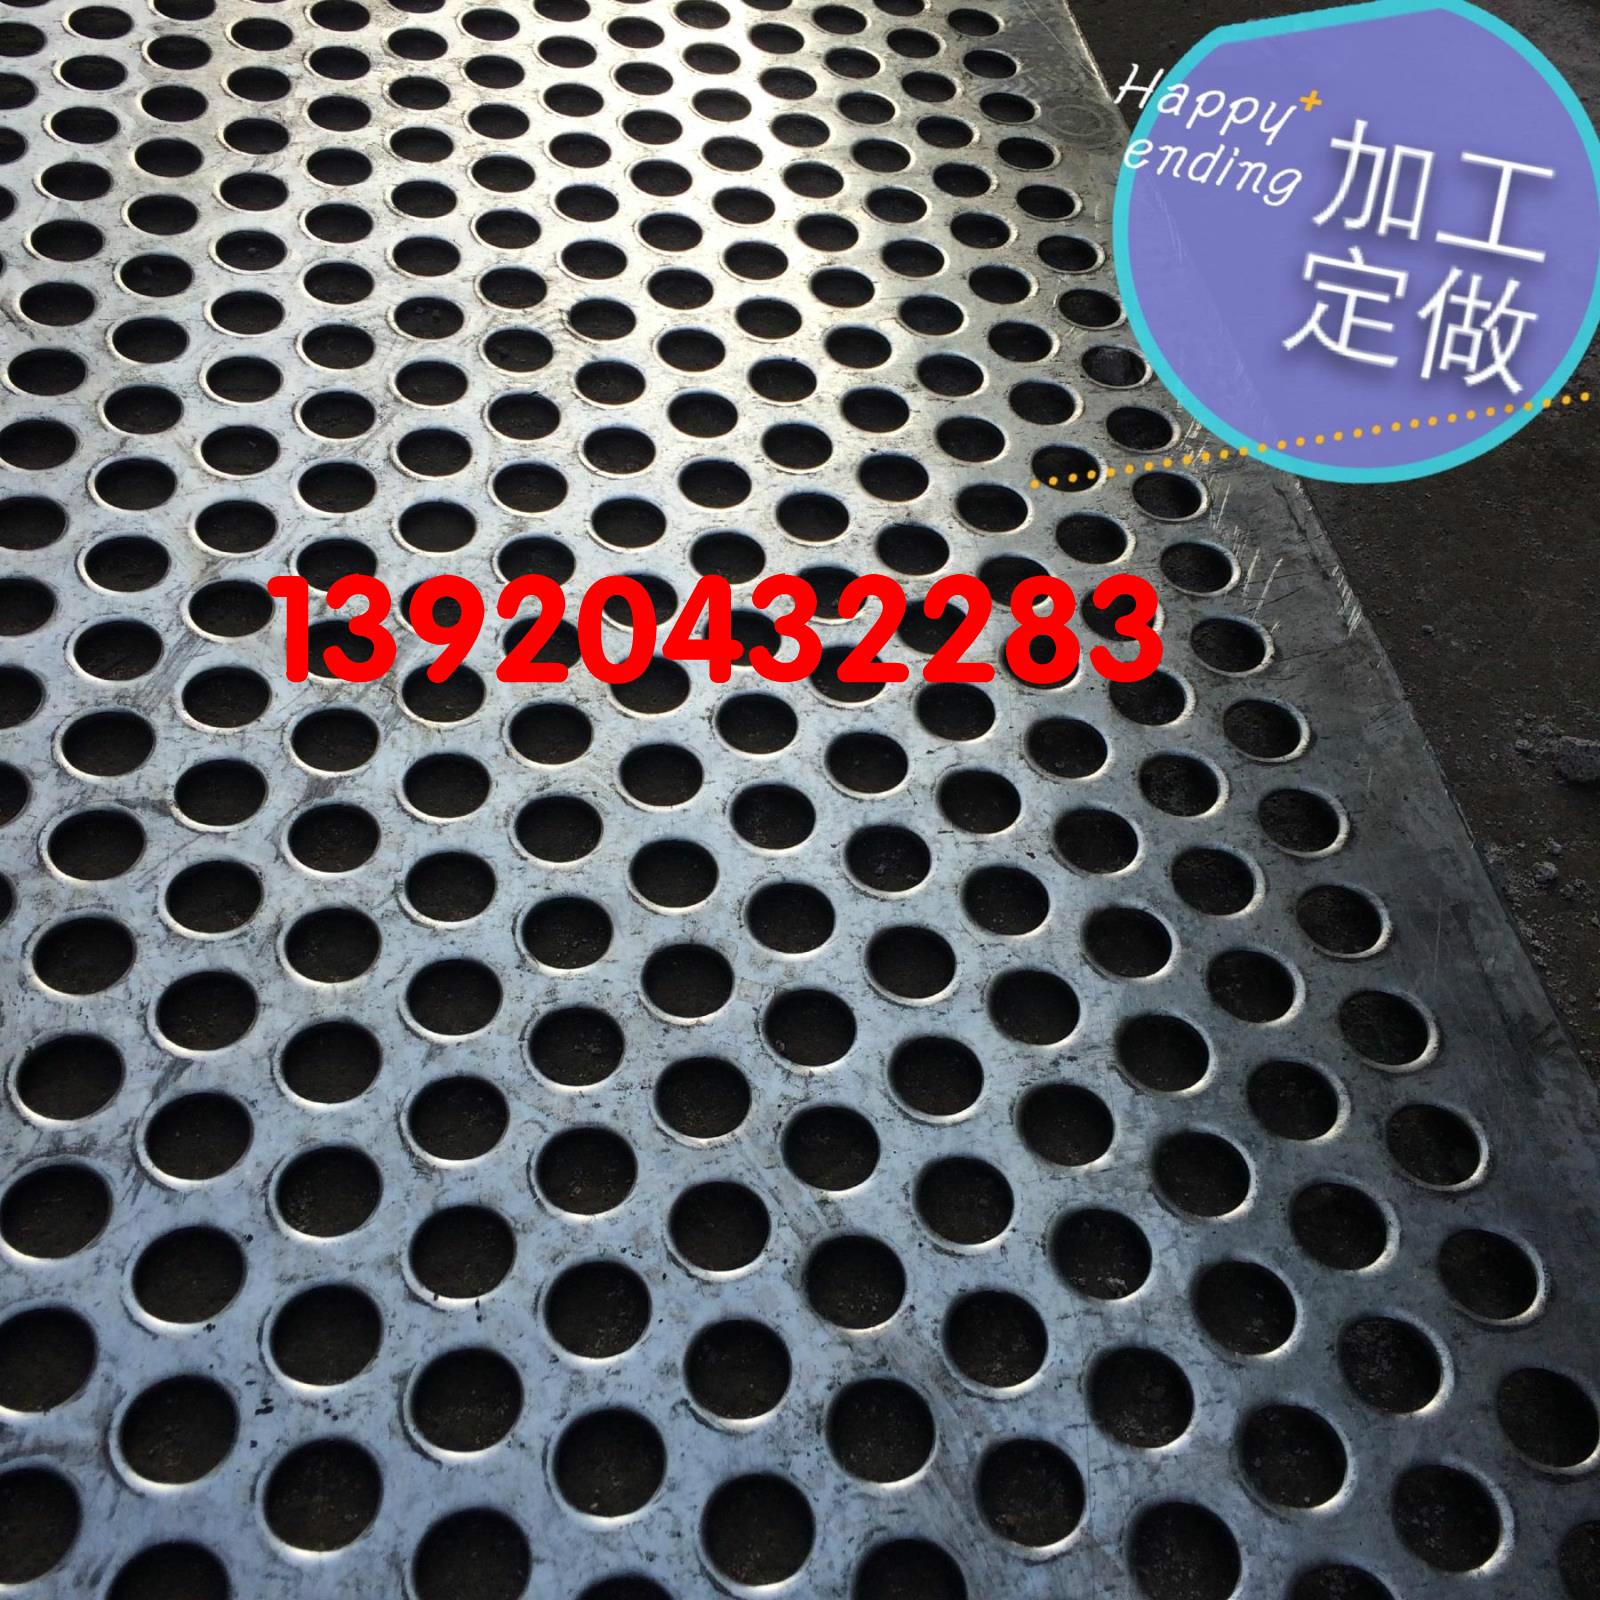 ステンレス板網円孔網方孔ボード網板曲げパンチ網